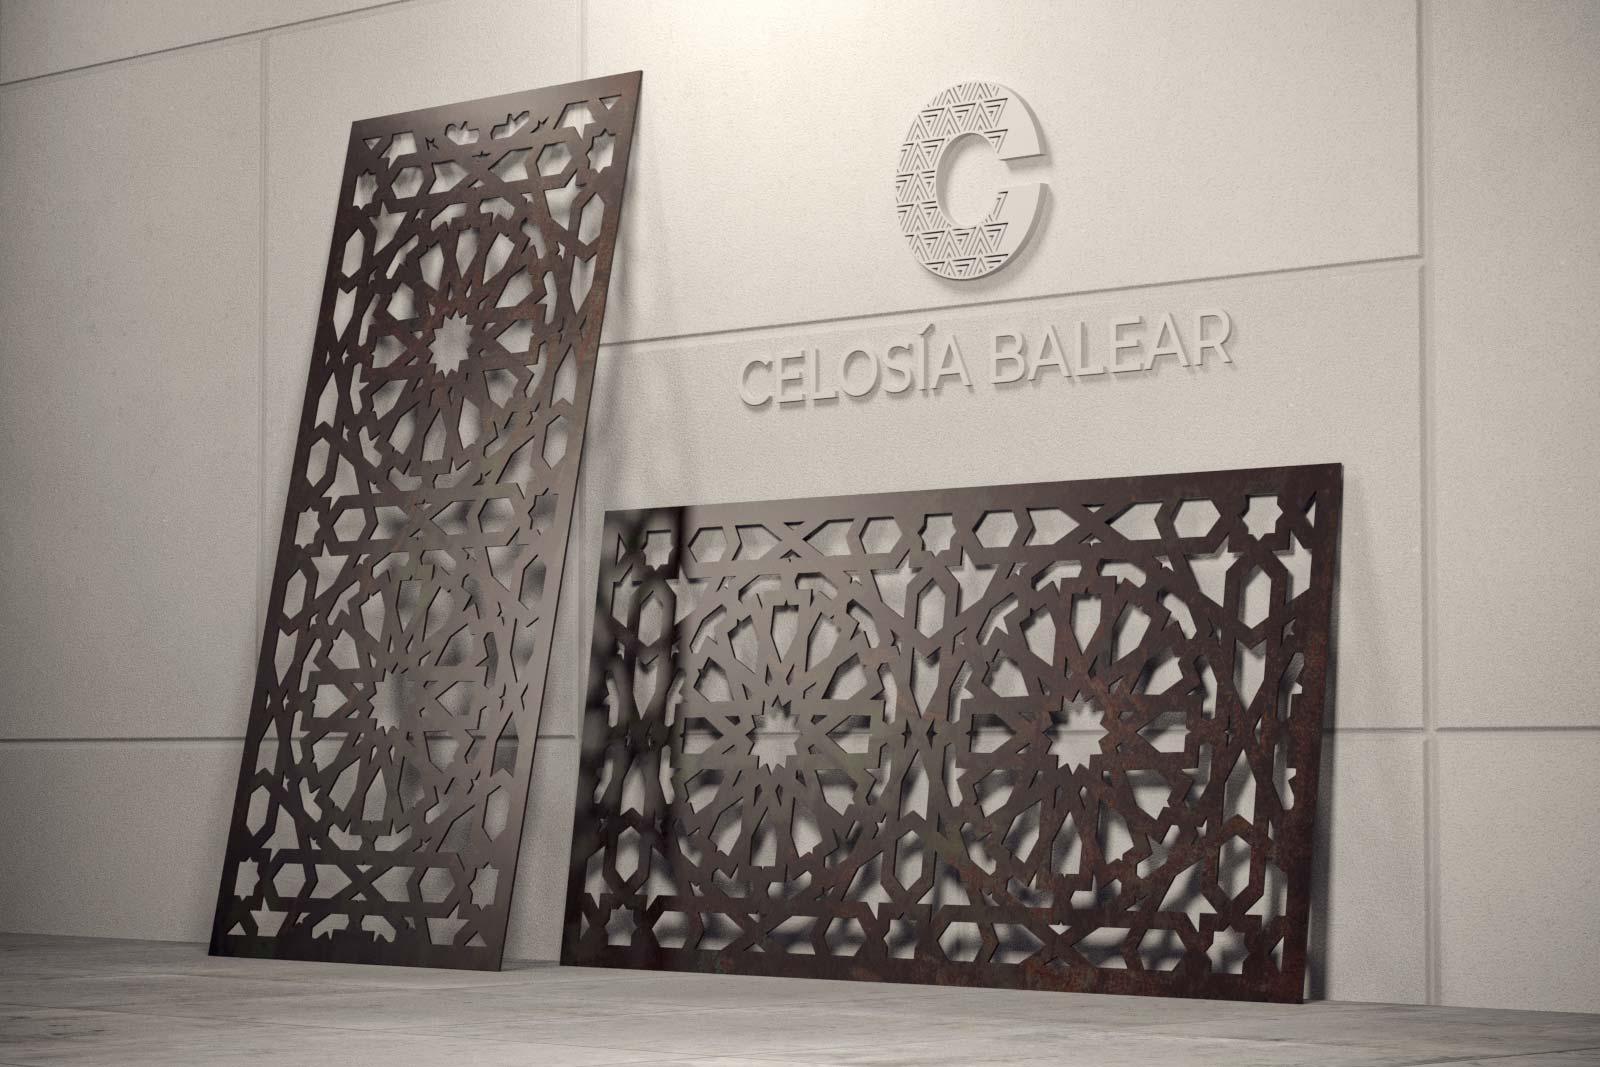 Diseño arábico en celosía de las islas baleares